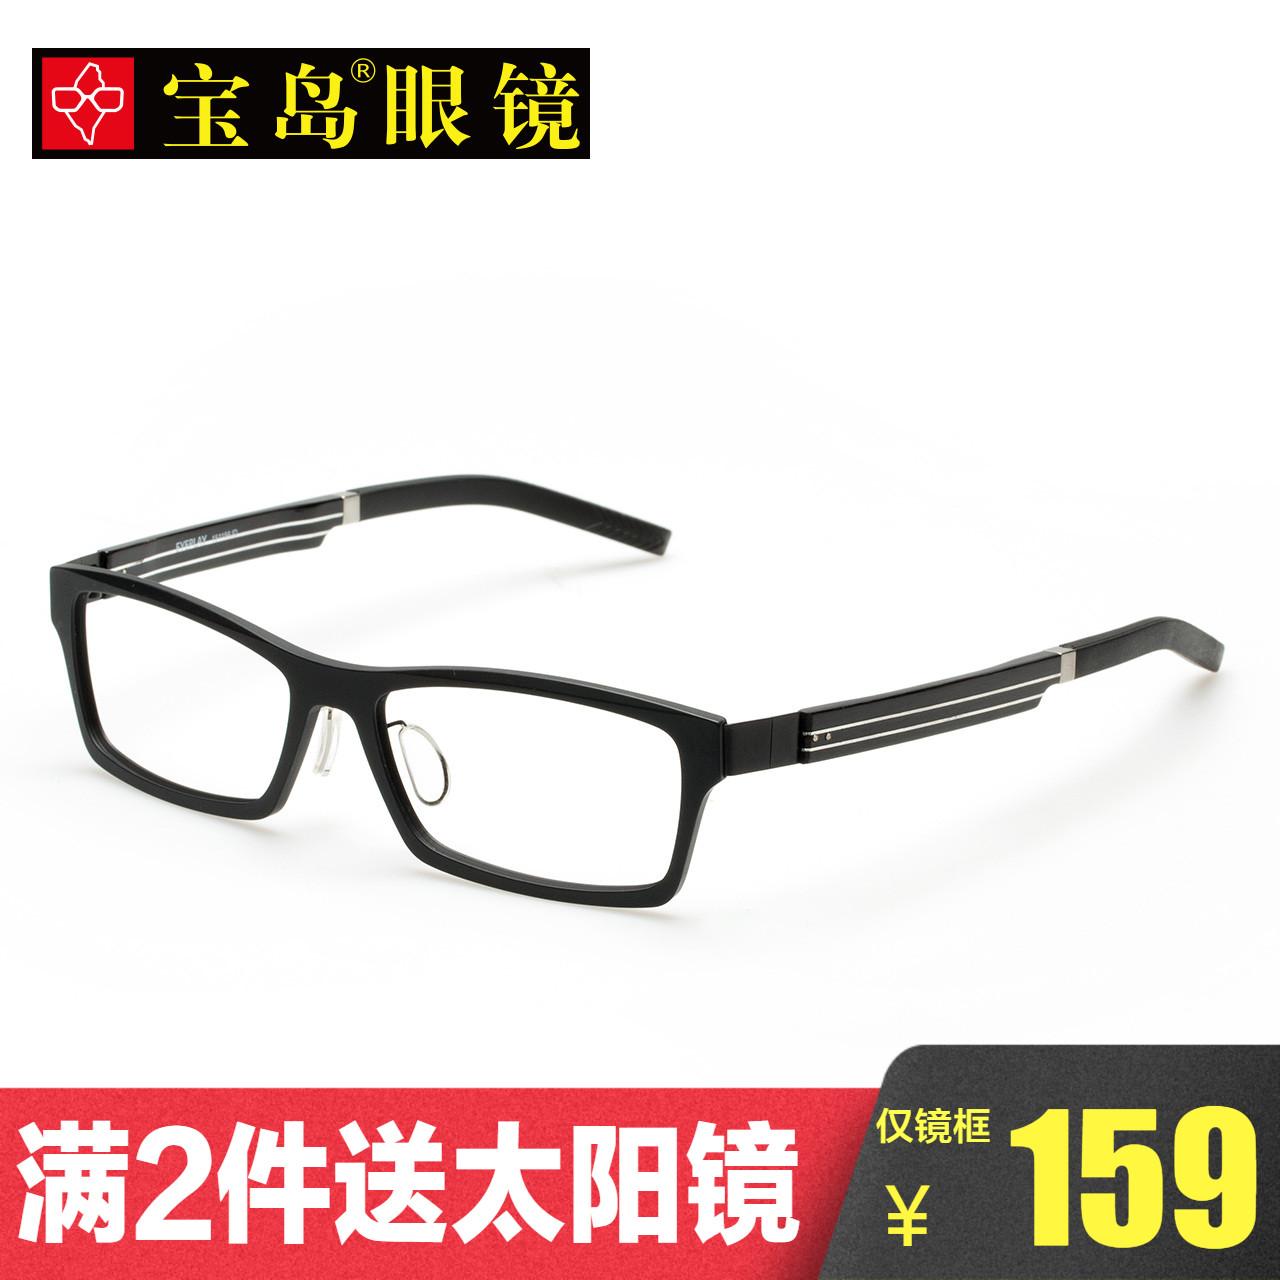 宝岛眼镜框男 目戏商务复古仿木纹潮大脸全框可配近视眼镜架 3680